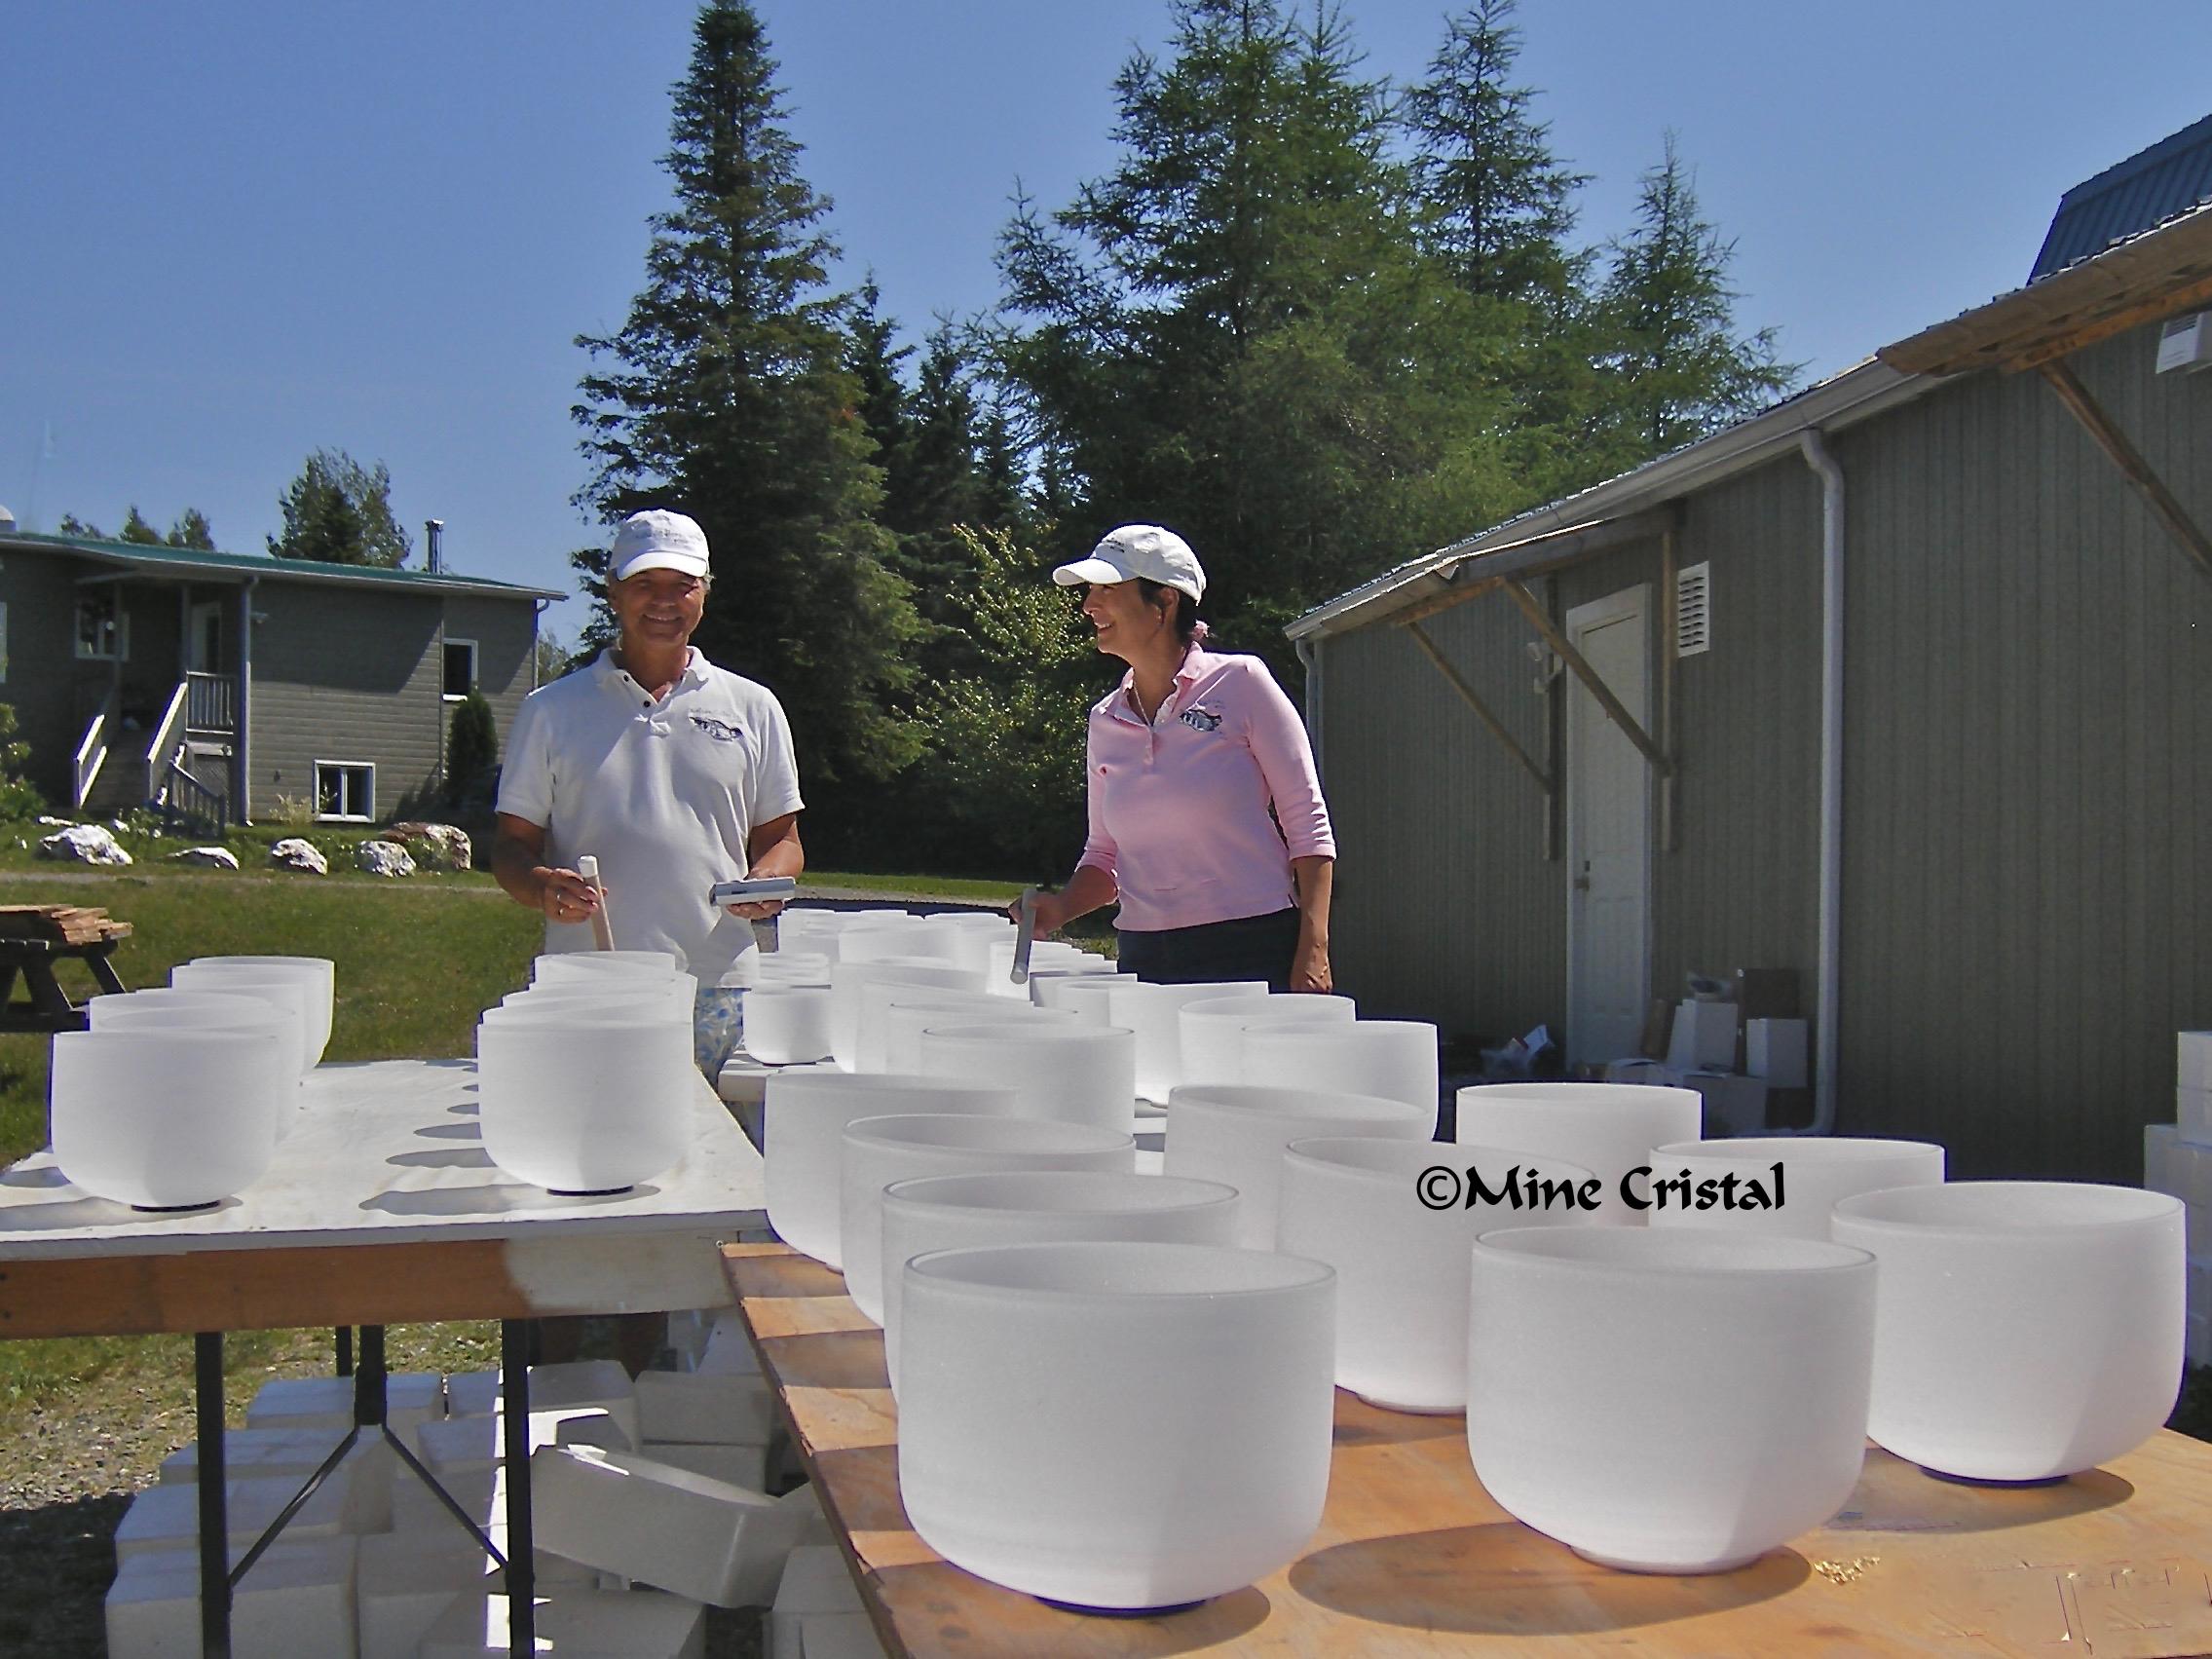 Gaudry Normand et Pauline Normand ont découvert les vaisseaux de cristal en 1994. Nous les voyons ici vérifiant l'envoi récent de vaisseaux de cristal fabriqués sur mesure qui seront vendus dans la boutique de Mine Cristal lors du prochain événement du cristal.